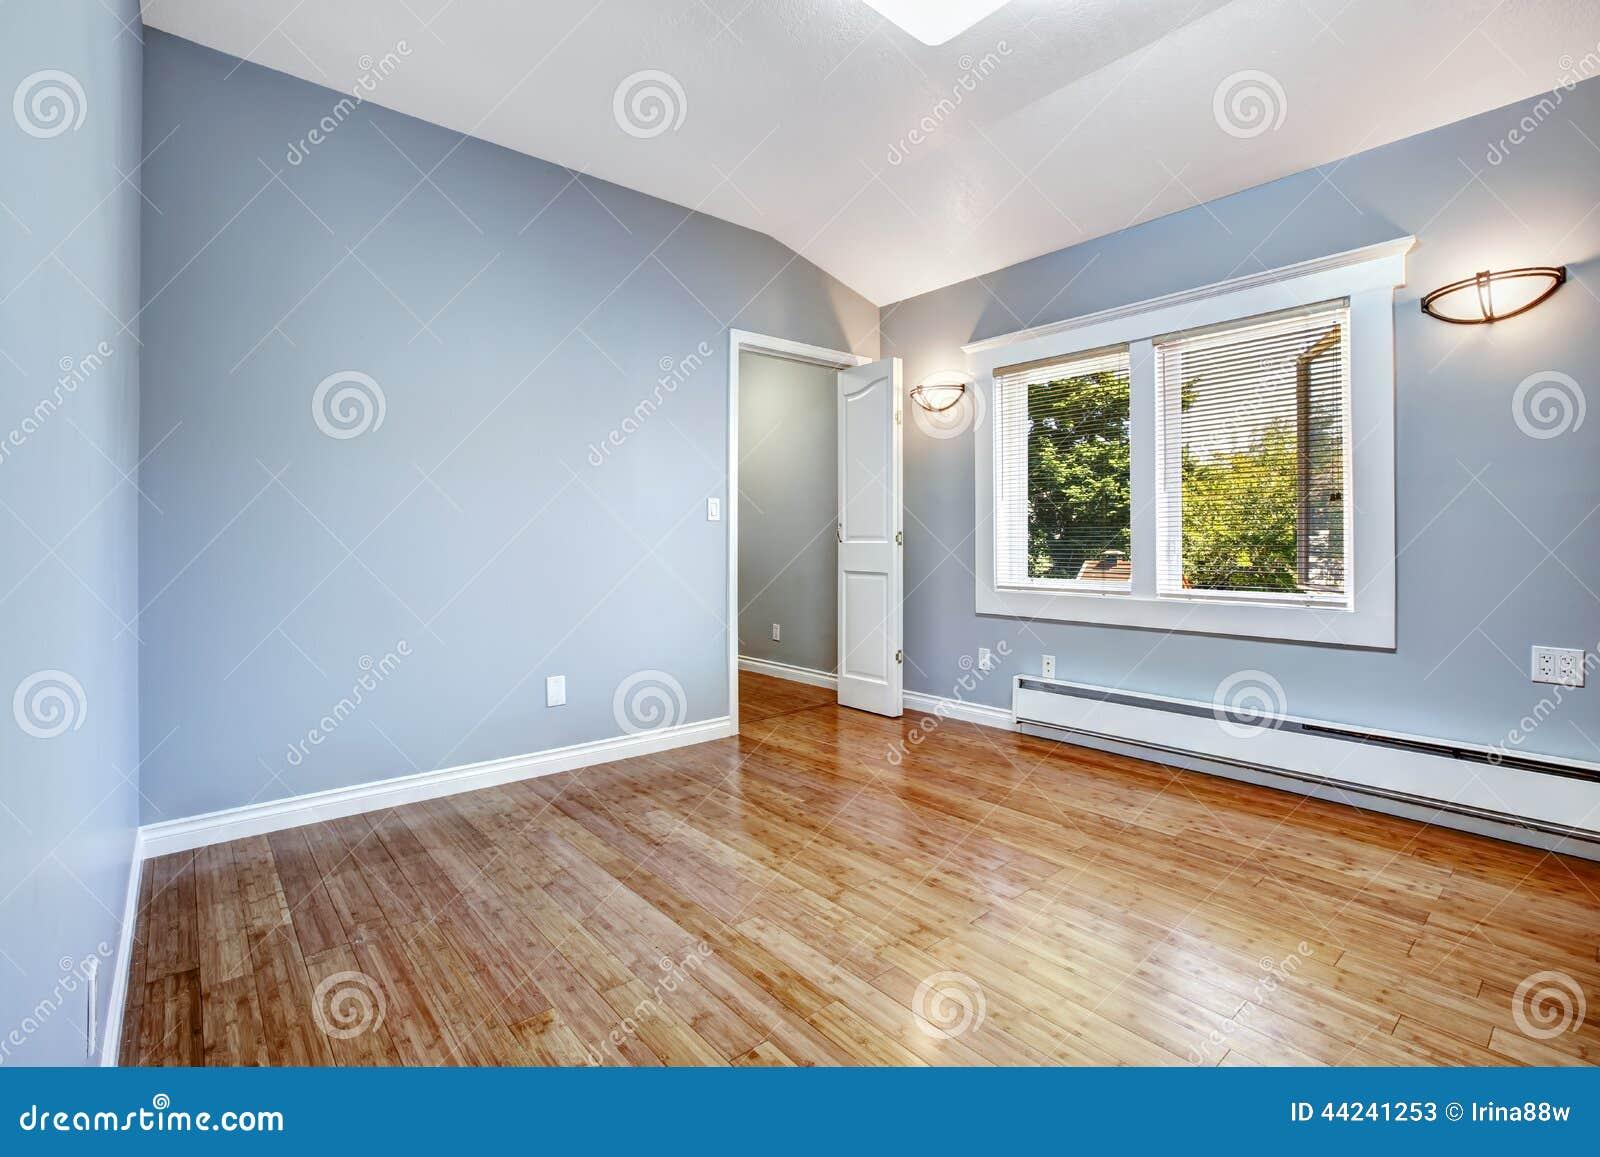 Slaapkamer Met Lichtblauwe Muren Stock Afbeelding - Afbeelding ...